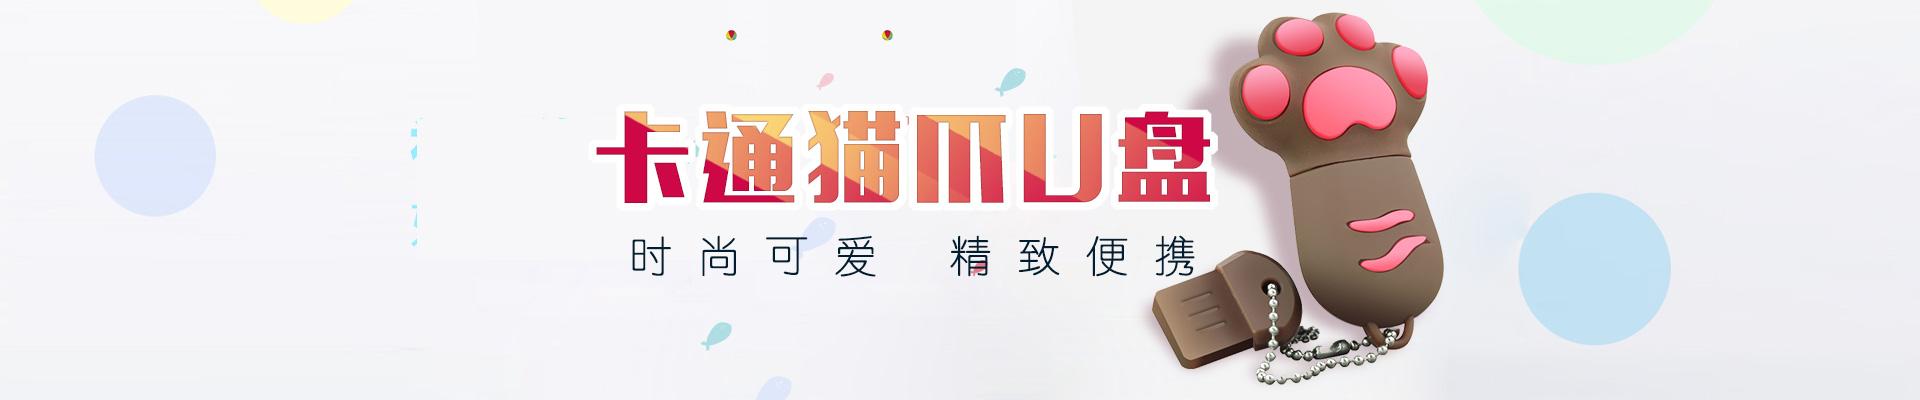 深圳市信诚优盘电子有限公司